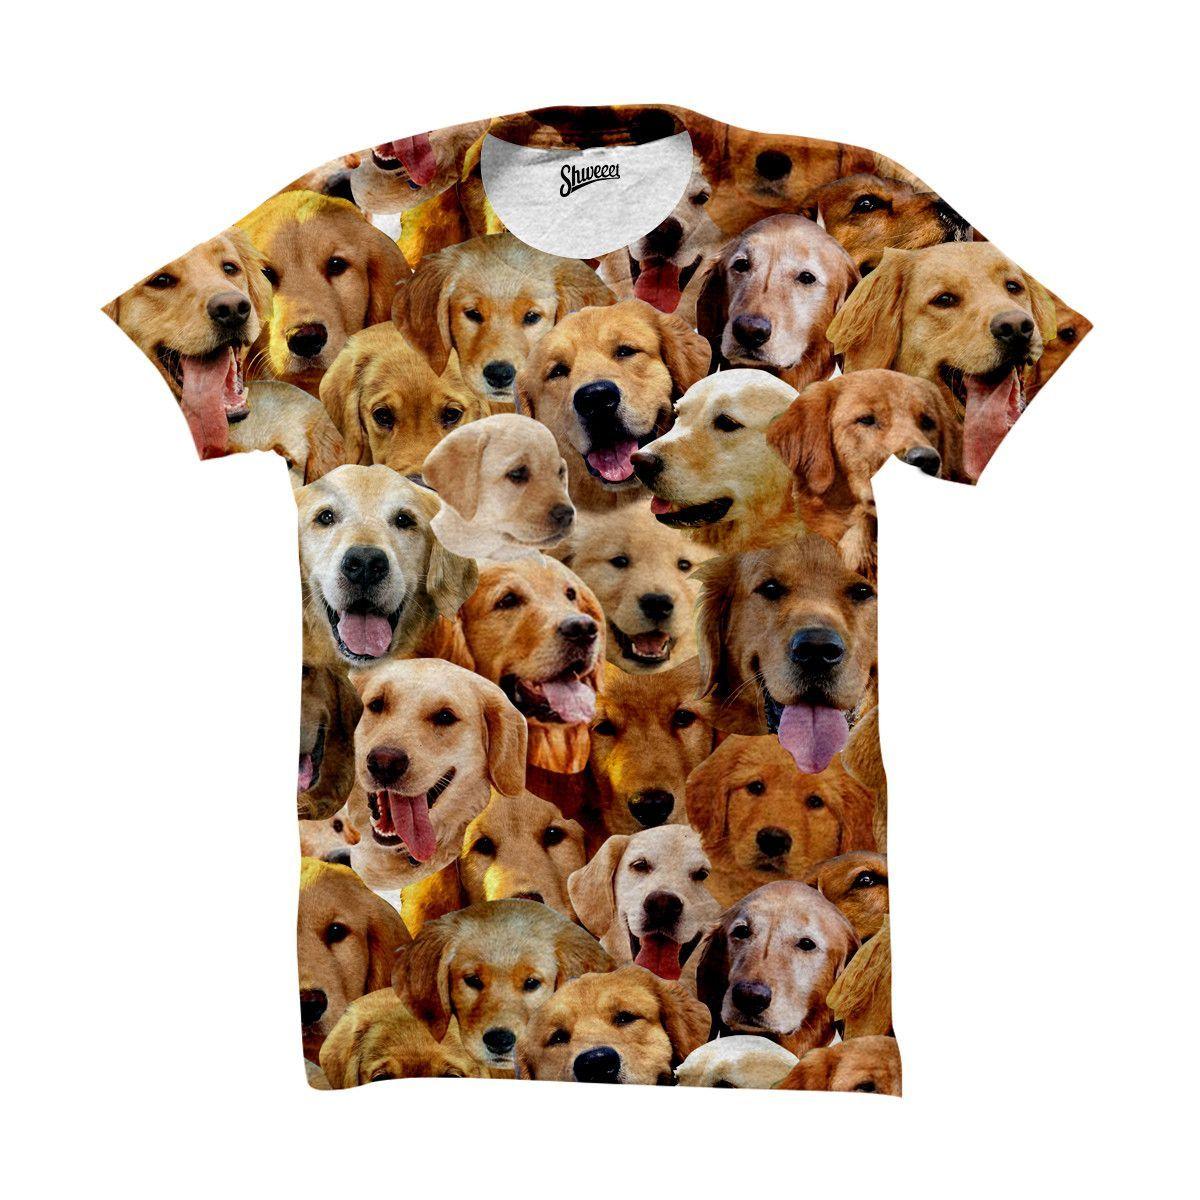 Golden Retriever Faces Shirt Puppy Breeds Golden Retriever